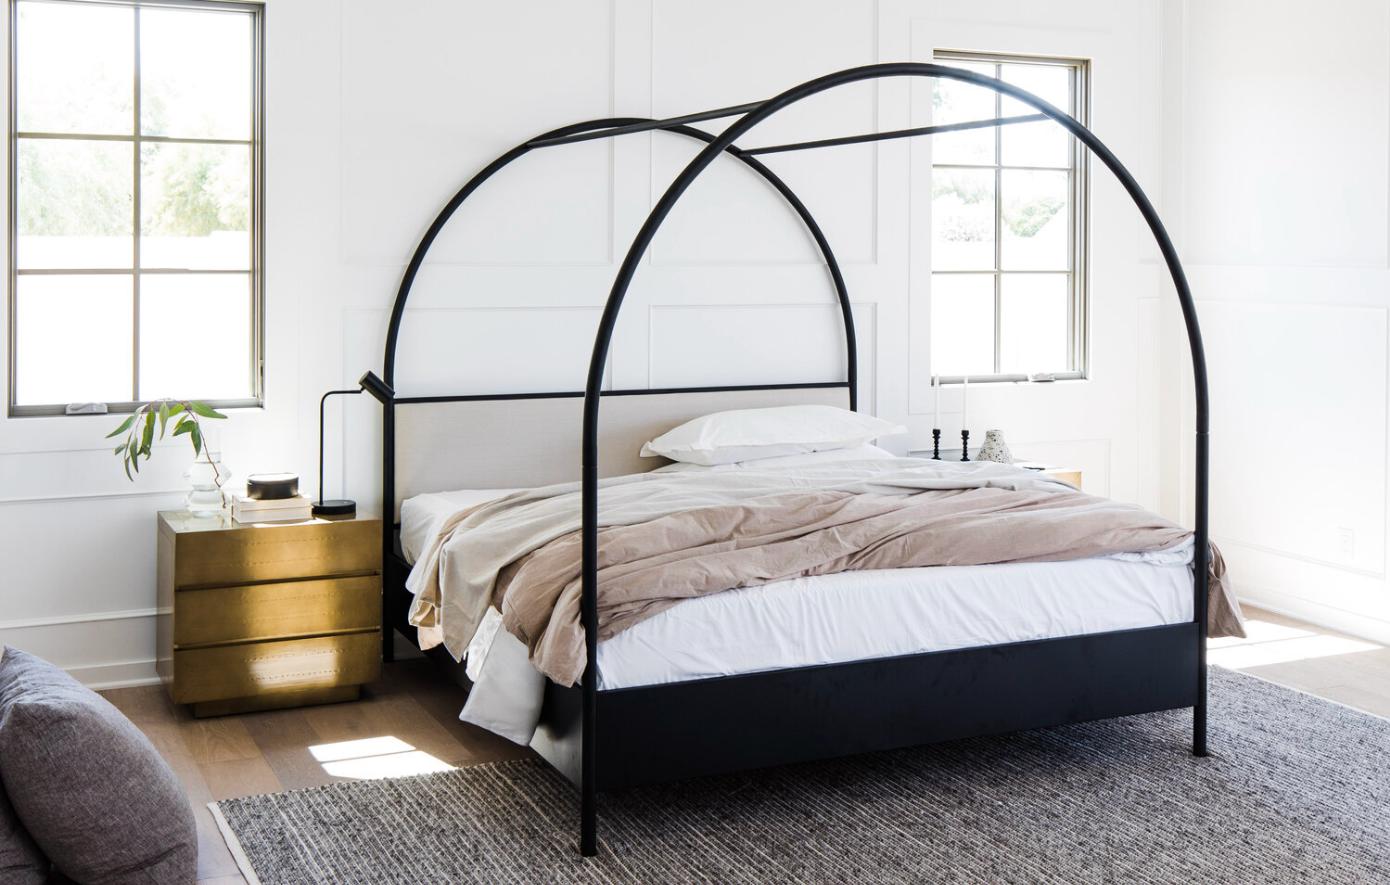 TheLifestyledCo #CortezBuild Bedroom